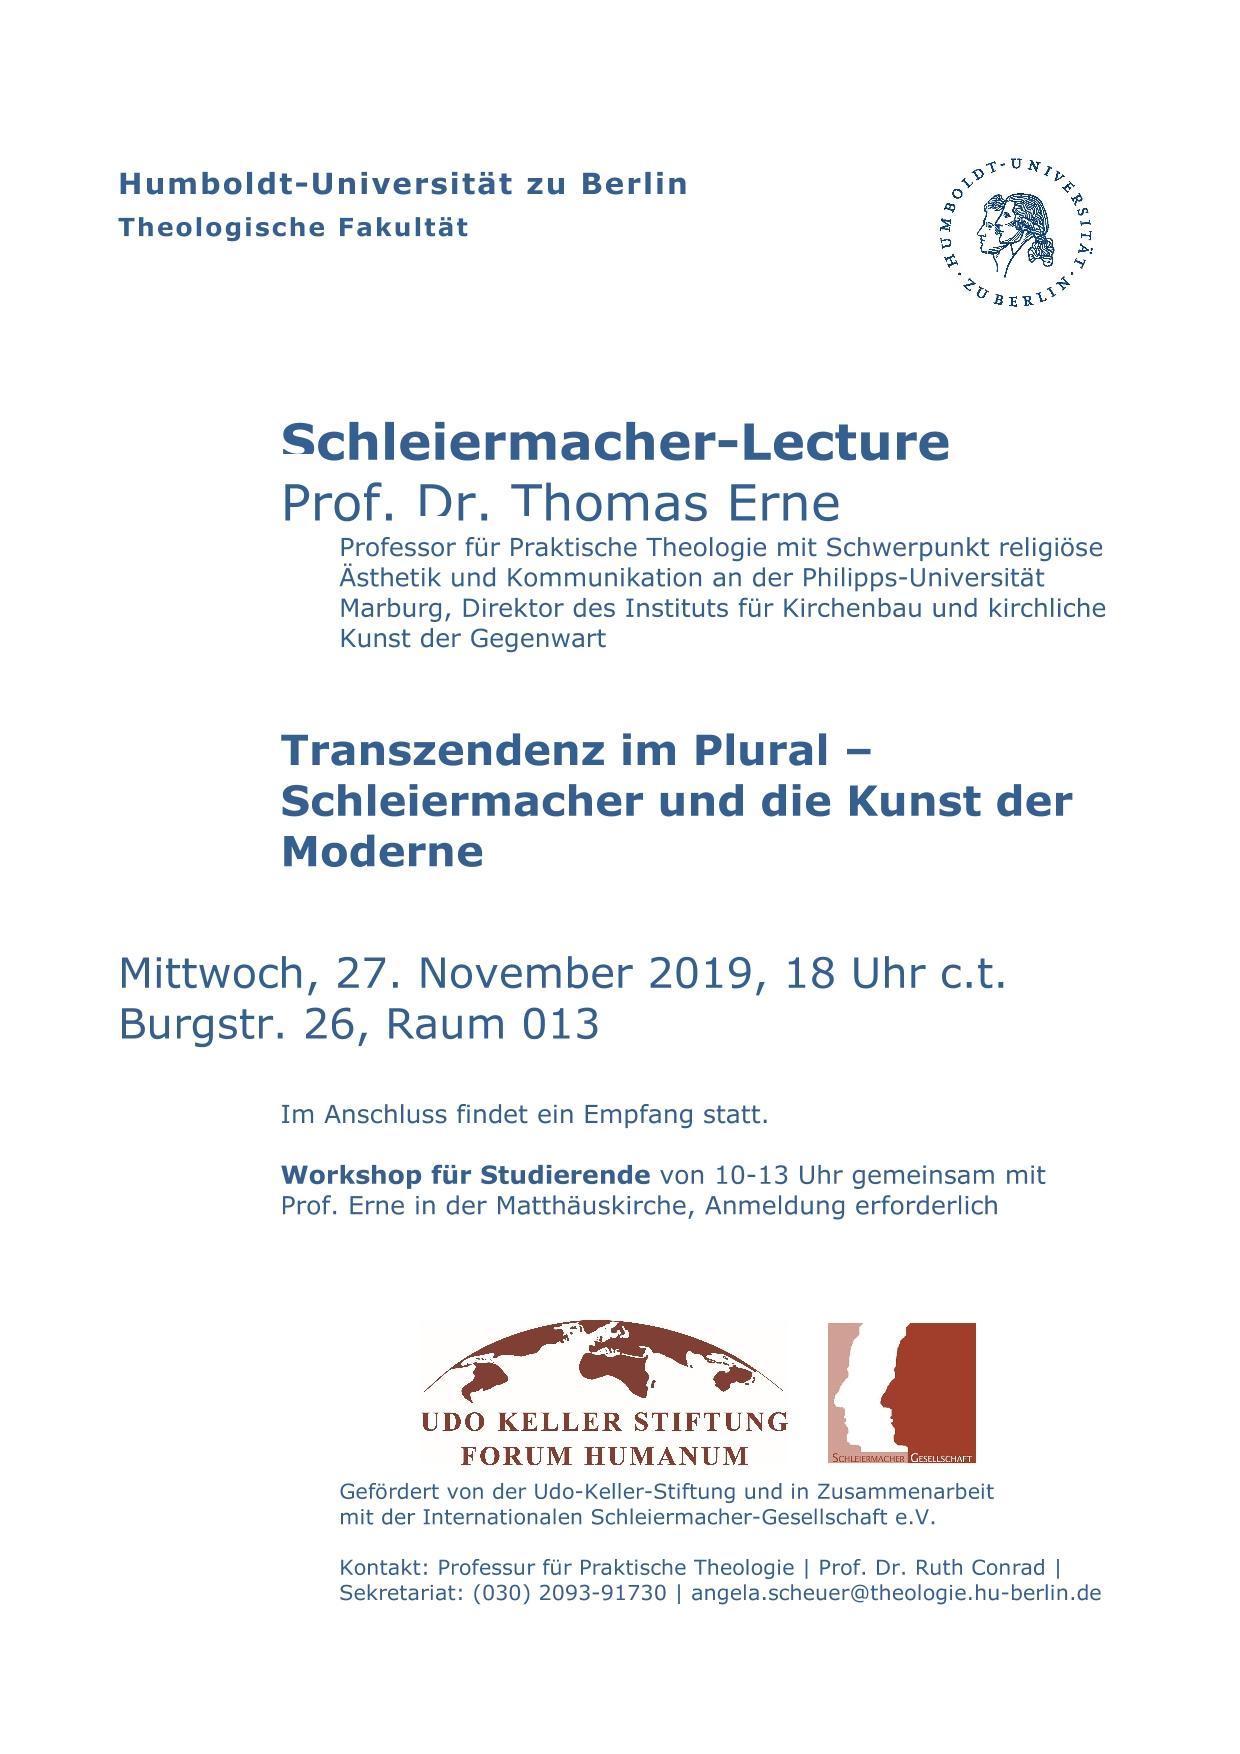 Schleiermacher-Lecture HU 2019_Thomas Erne_final-1.jpg